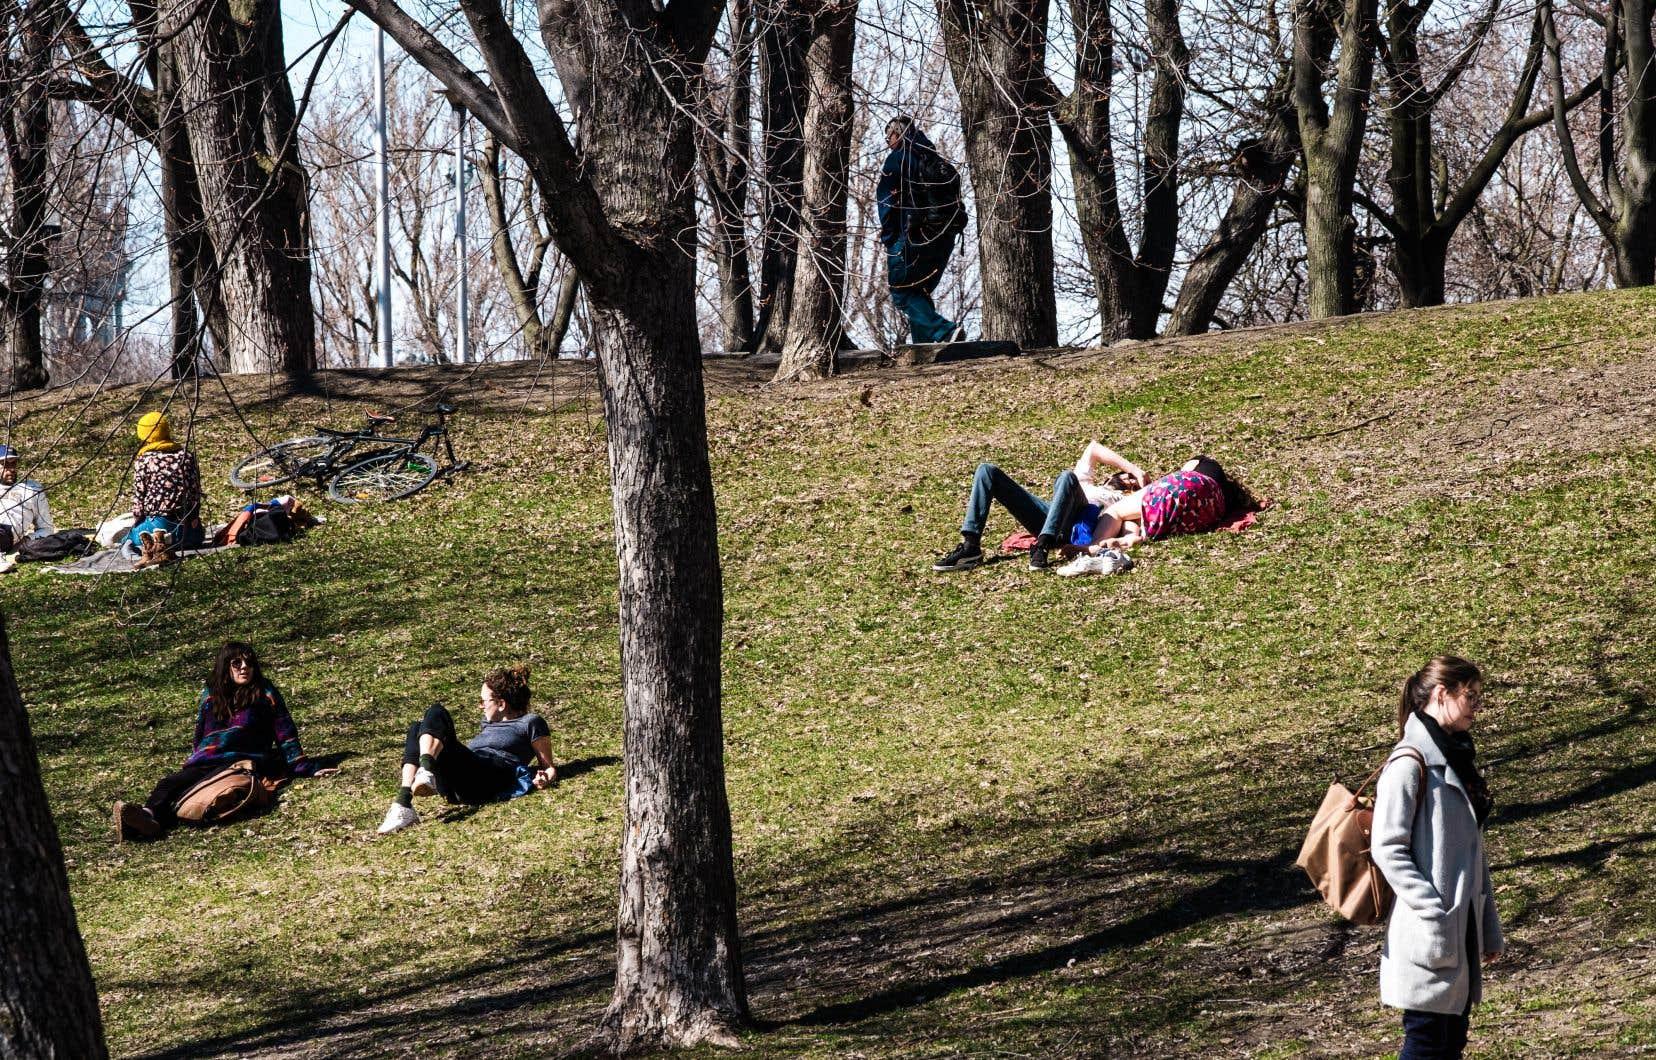 La Ville de Montréal compte présenter dans les prochaines semaines un plan pour rendre l'été en ville plus agréable tout en s'assurant du respect des règles de distanciation.